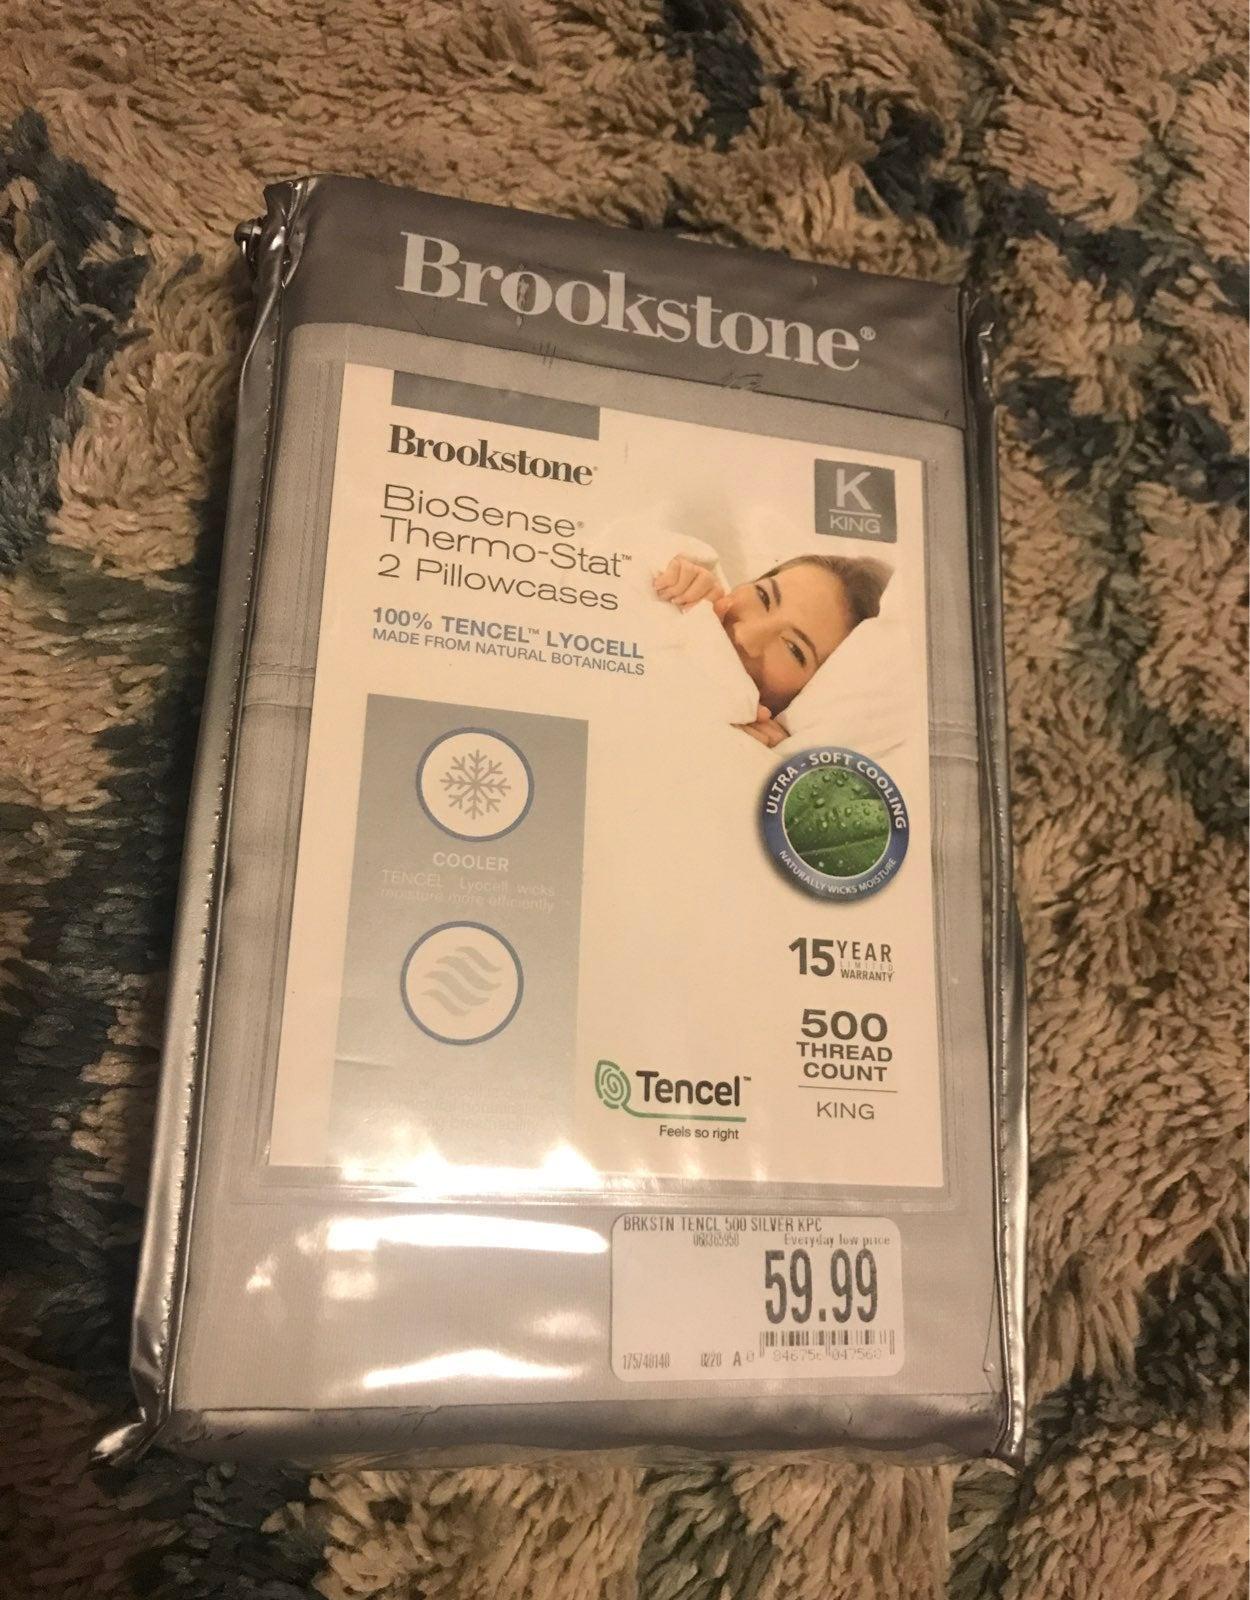 Brookstone biosense thermo stat pillowca